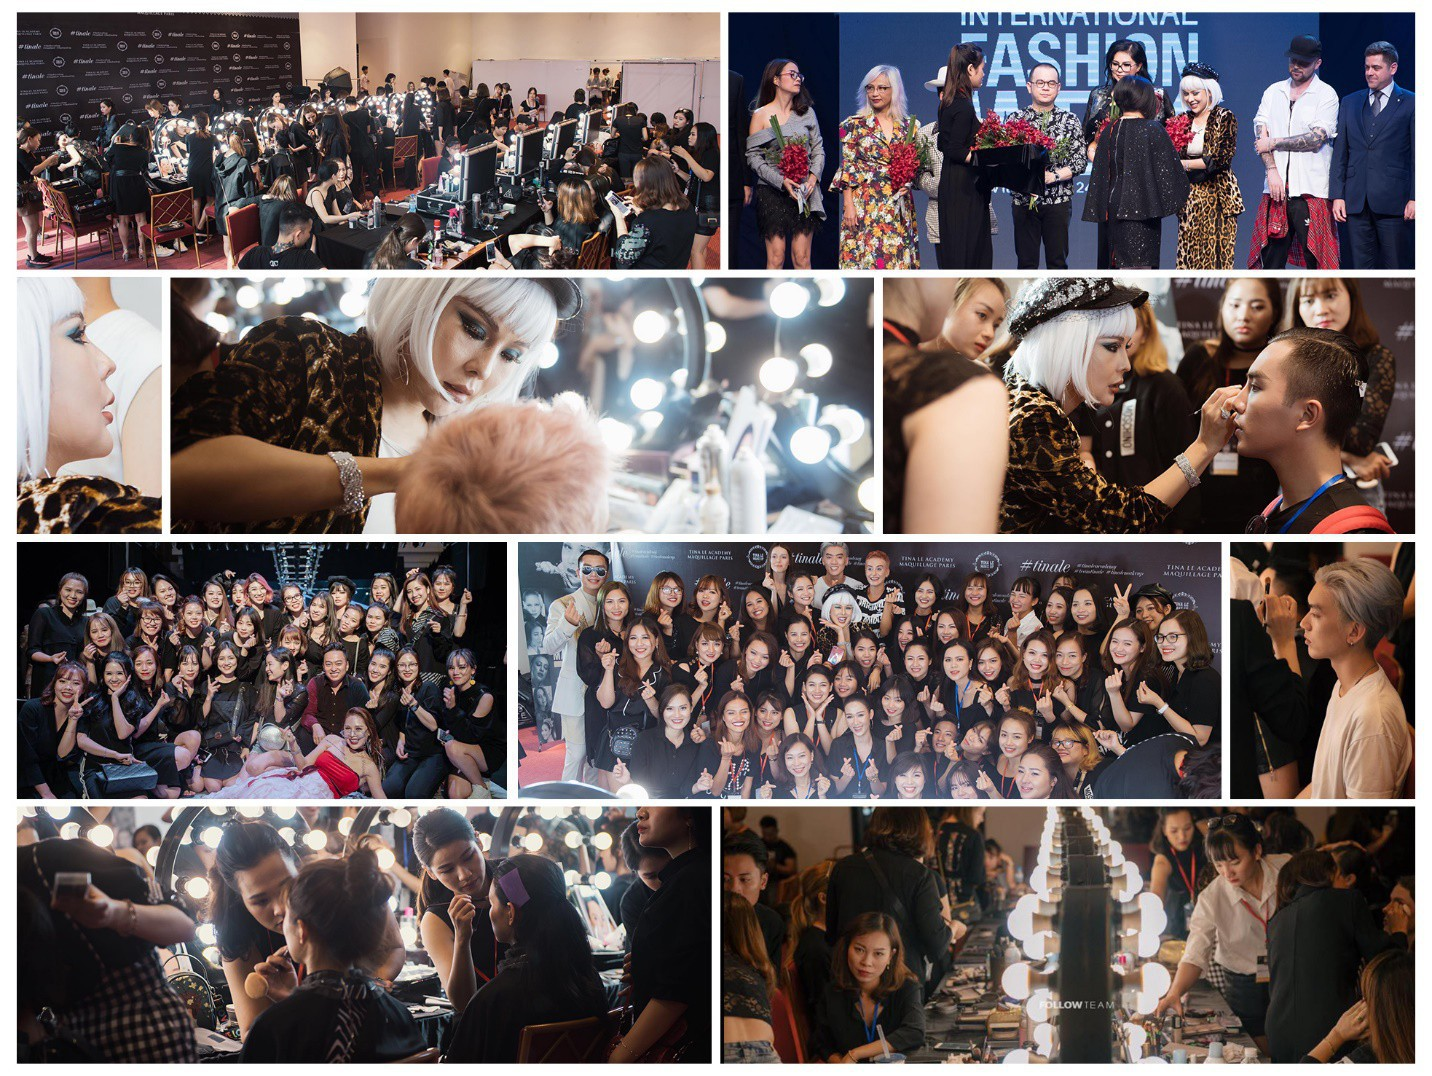 Điều kiện chưa cho phép, chọn ngay gói học make-up trả góp tại Tina Lê Make Up Academy - Ảnh 9.